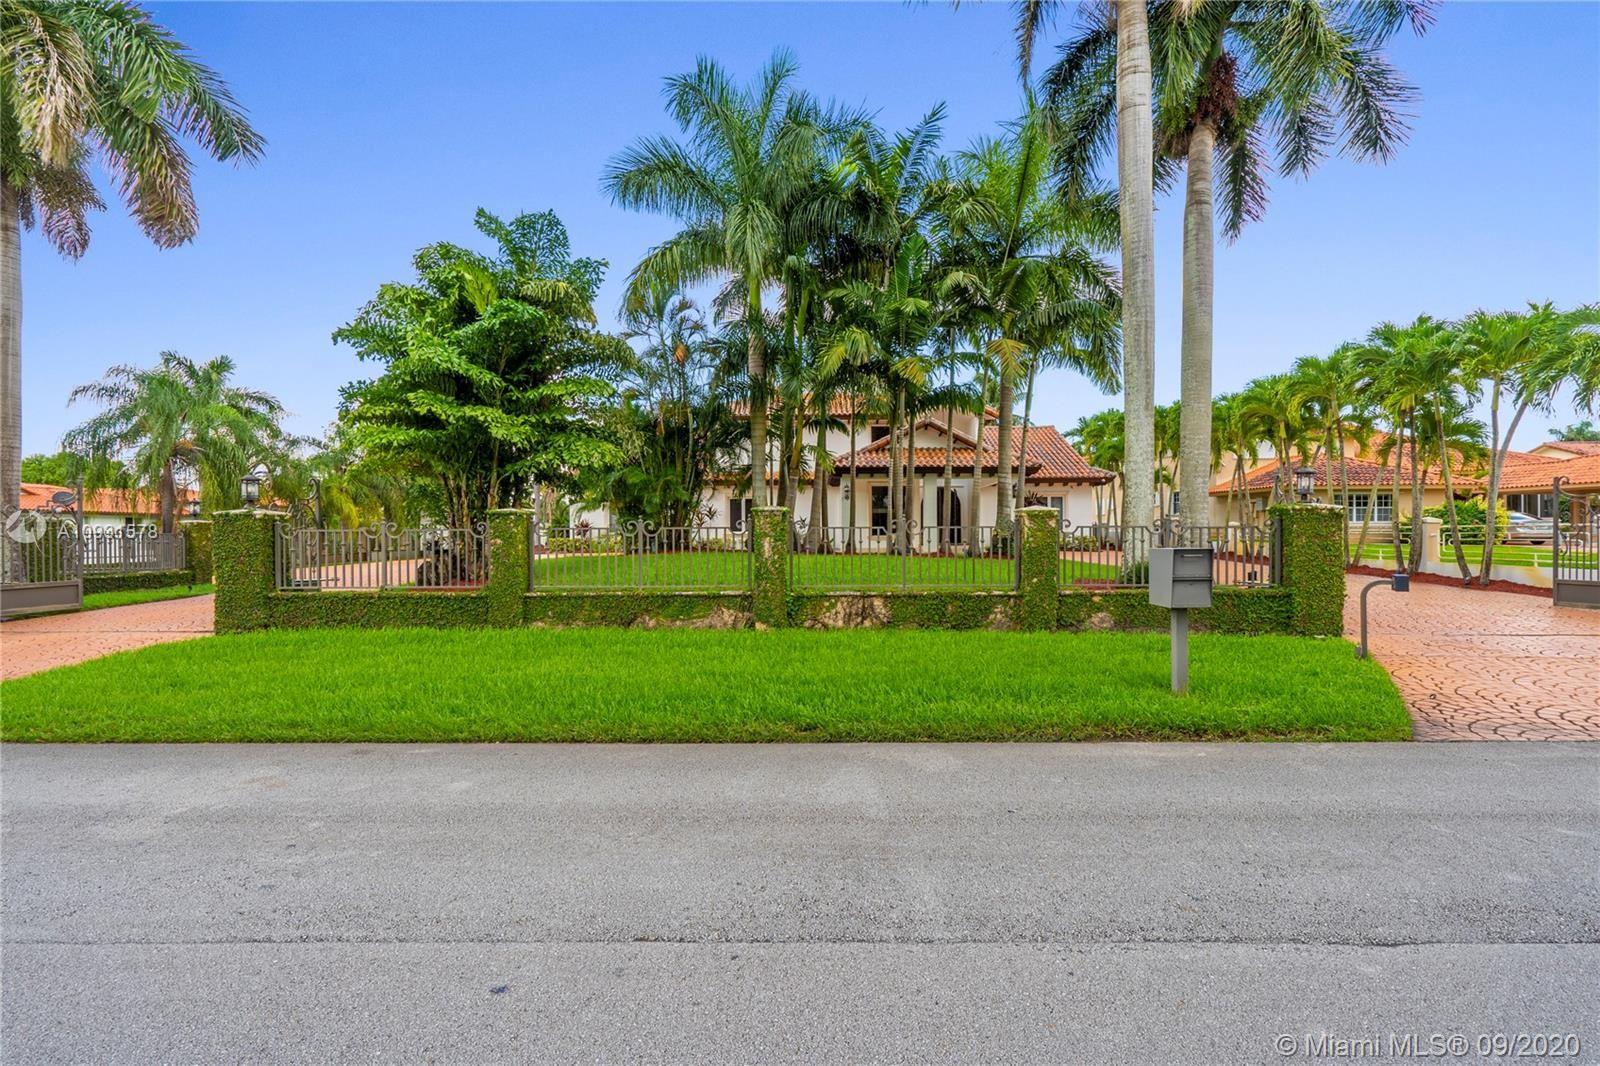 3001 SW 130th Ave, Miami, FL 33175 - #: A10931578